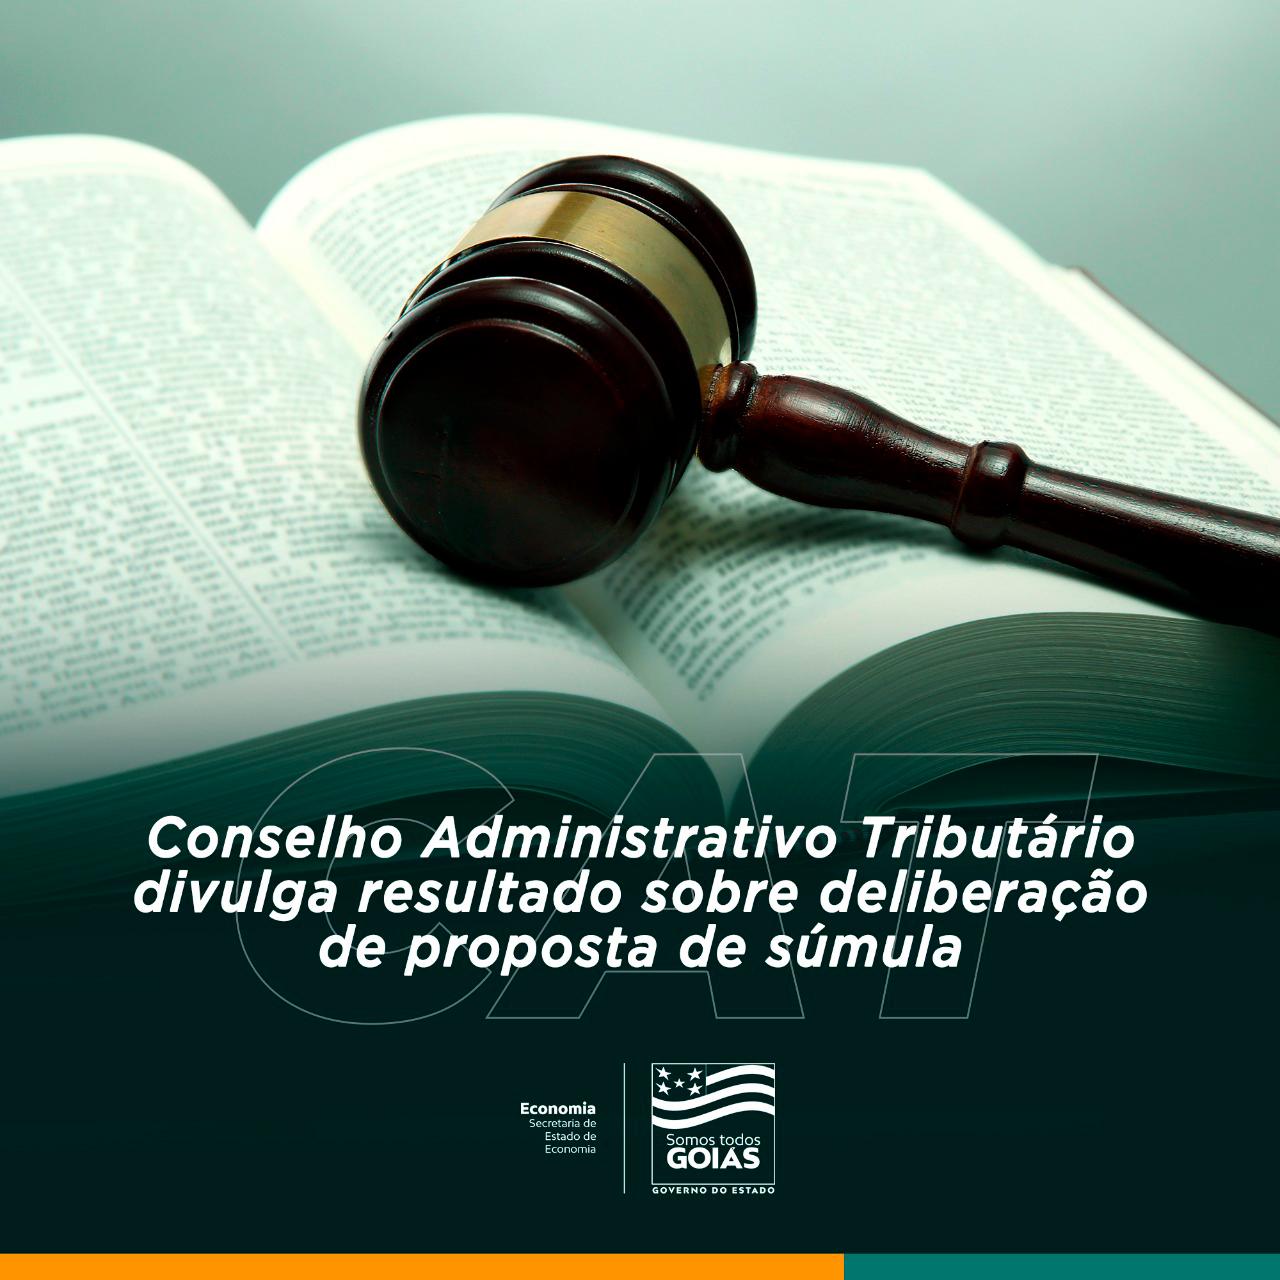 Conselho Administrativo Tributário divulga resultado sobre deliberação de proposta de súmula – Goiás